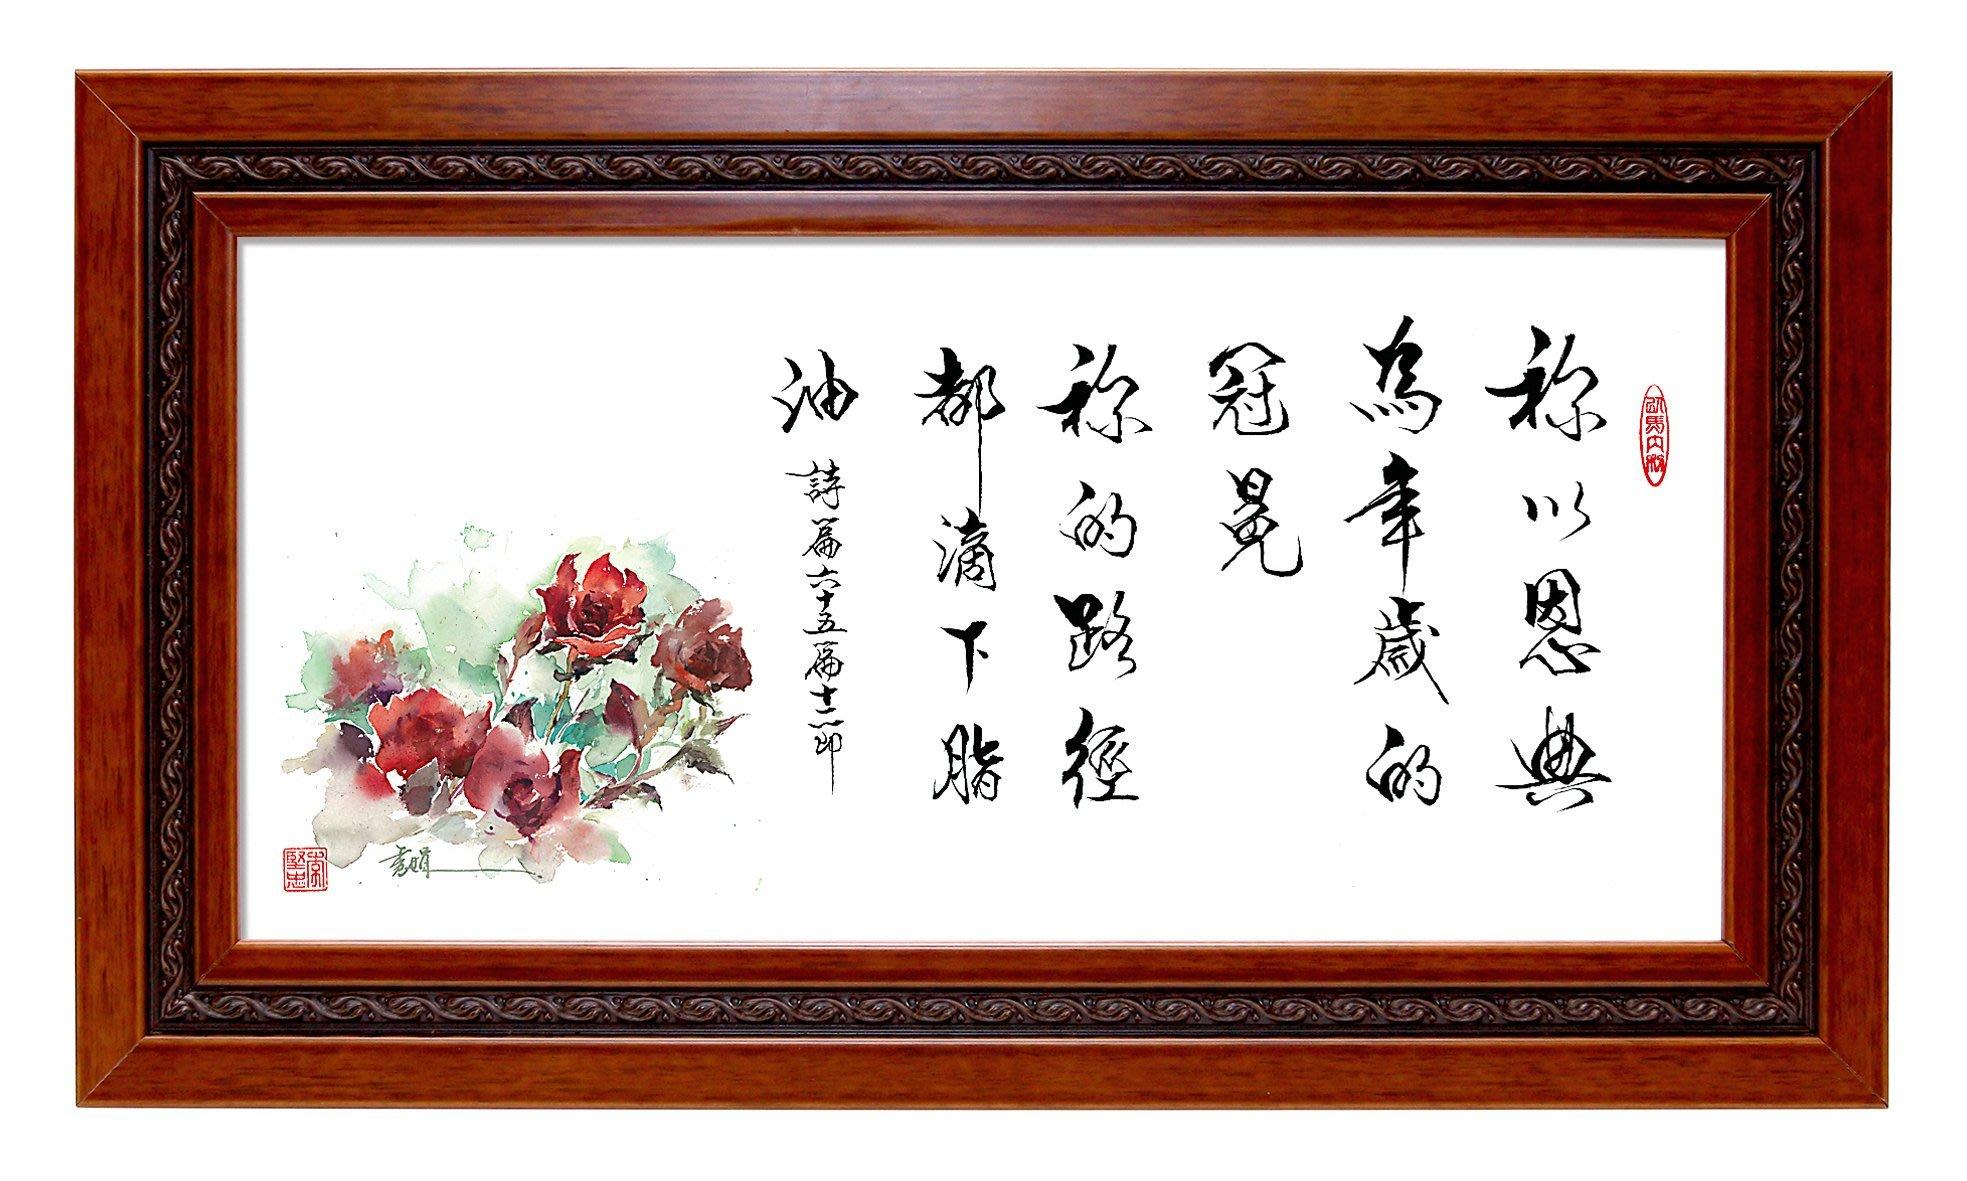 基督教禮品 幸福小組禮物  經文畫框~恩典冠冕  基督教 教會